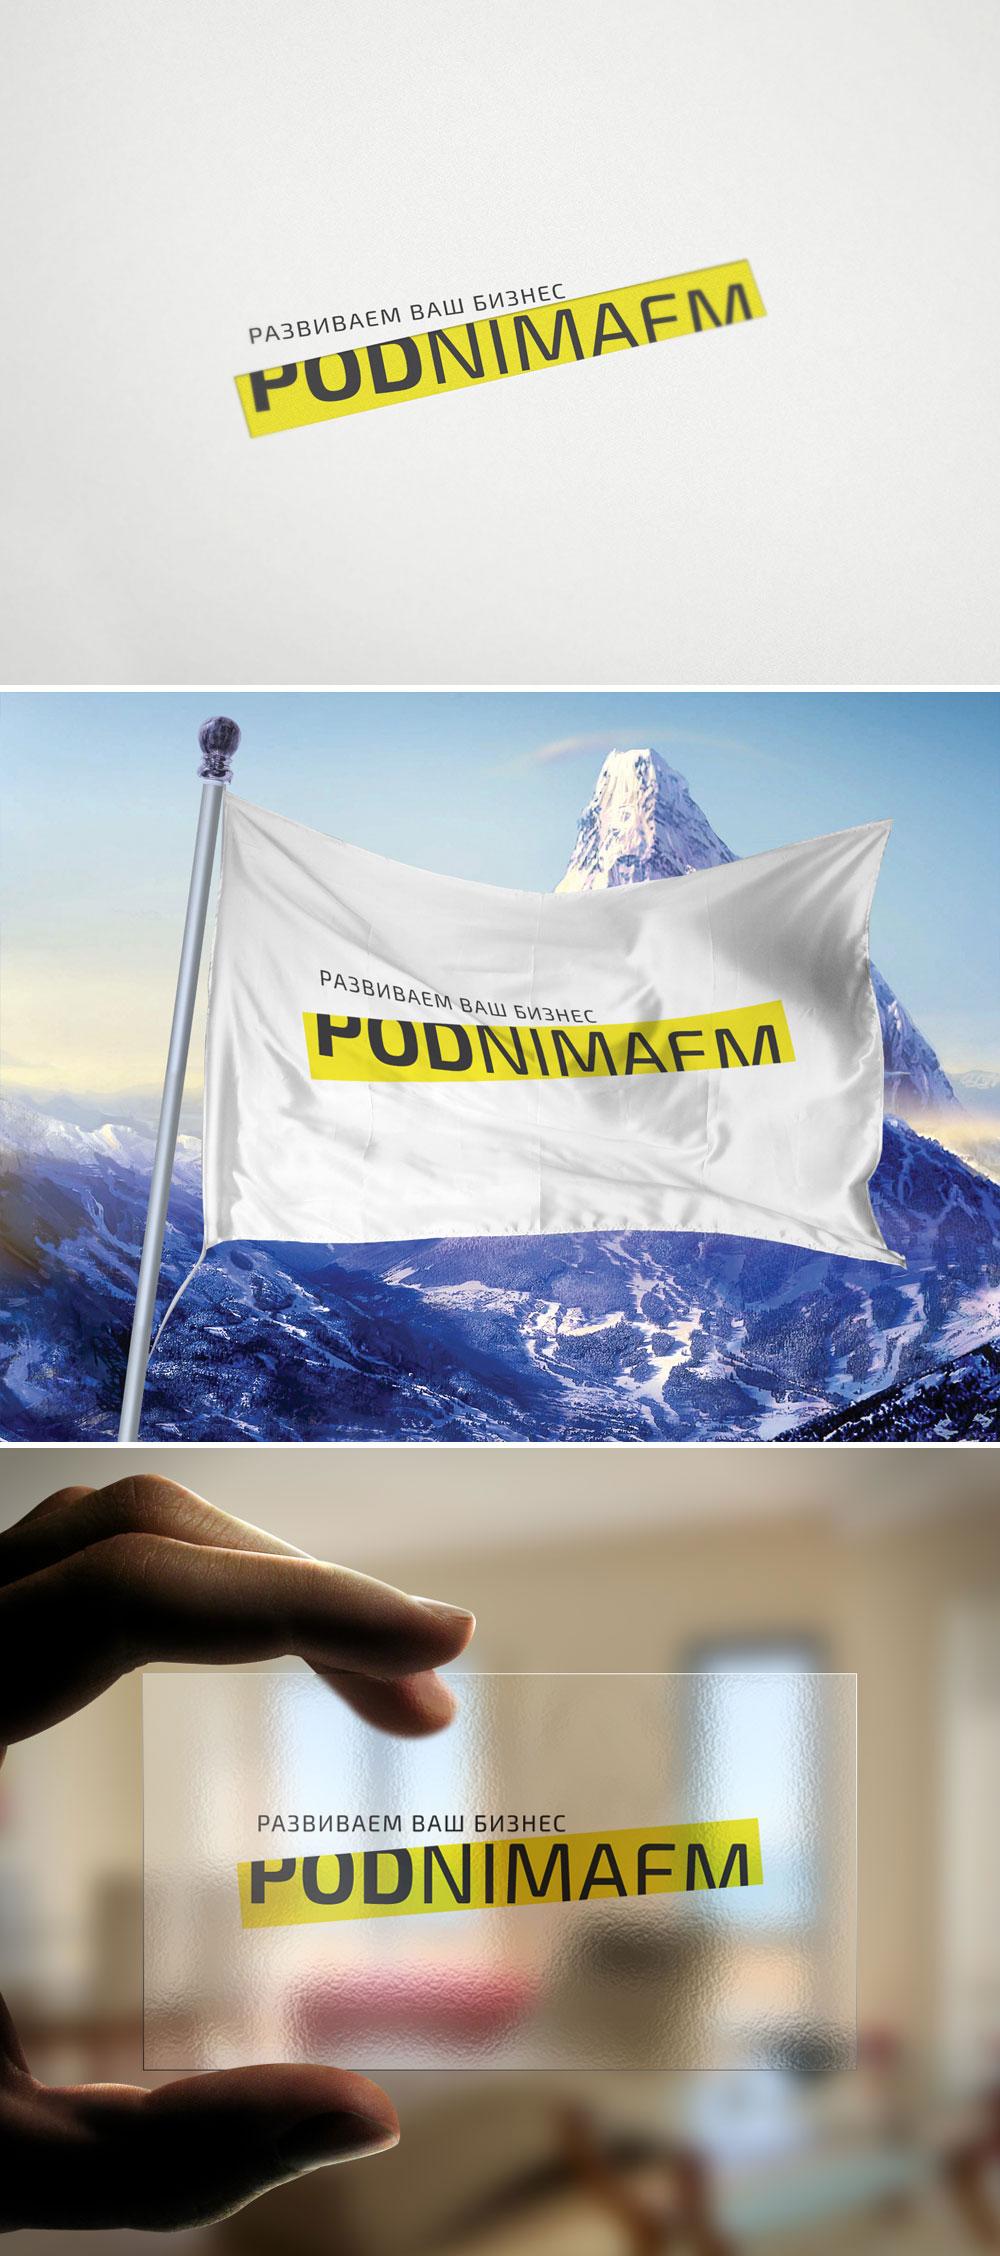 Разработать логотип + визитку + логотип для печати ООО +++ фото f_092554c8afa86842.jpg